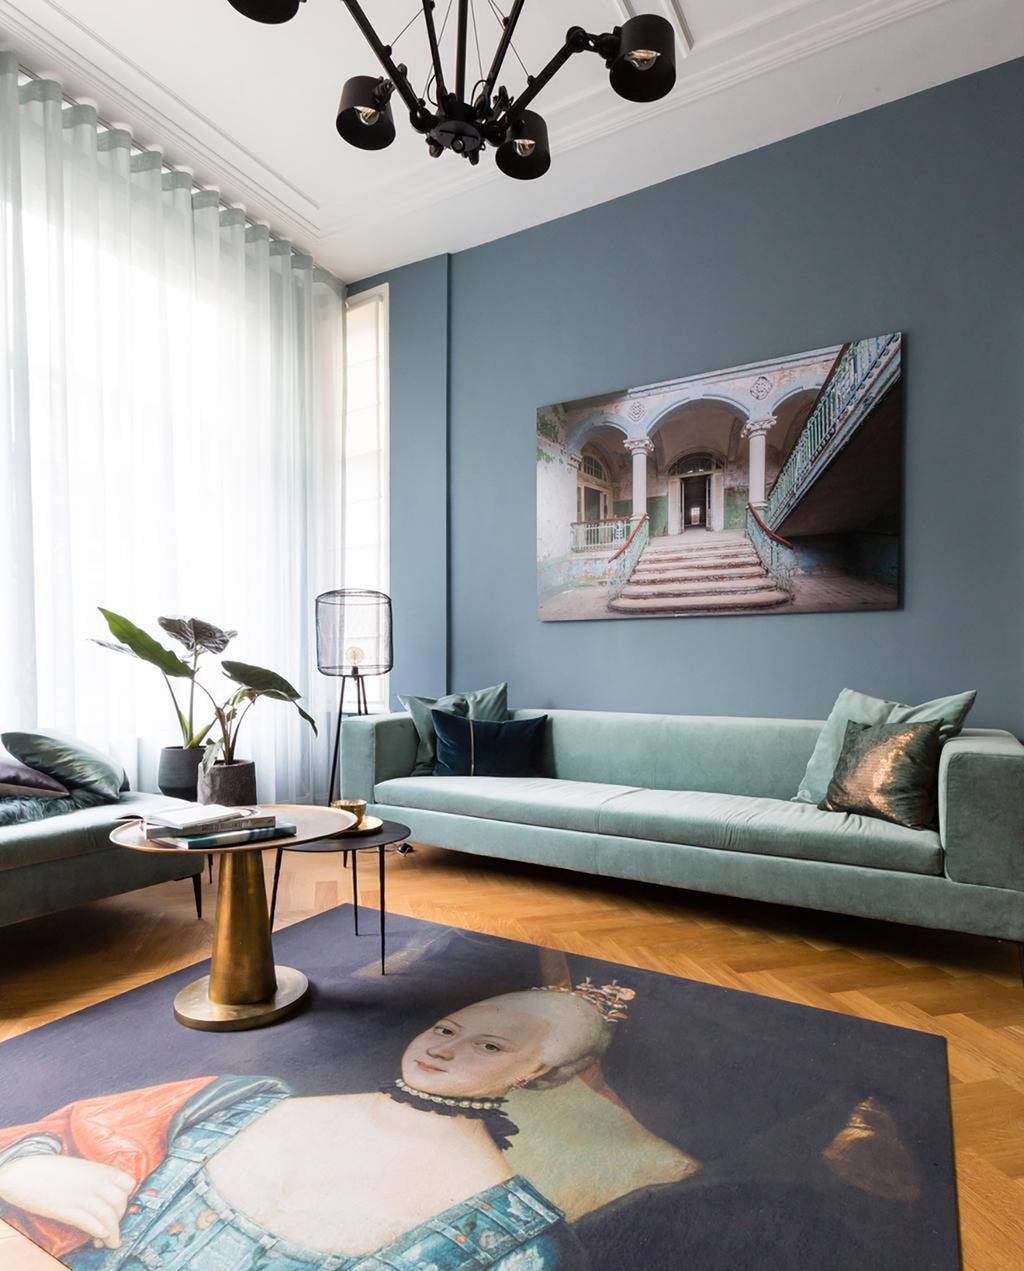 blauwe bank met kunstwerk vloerkleed